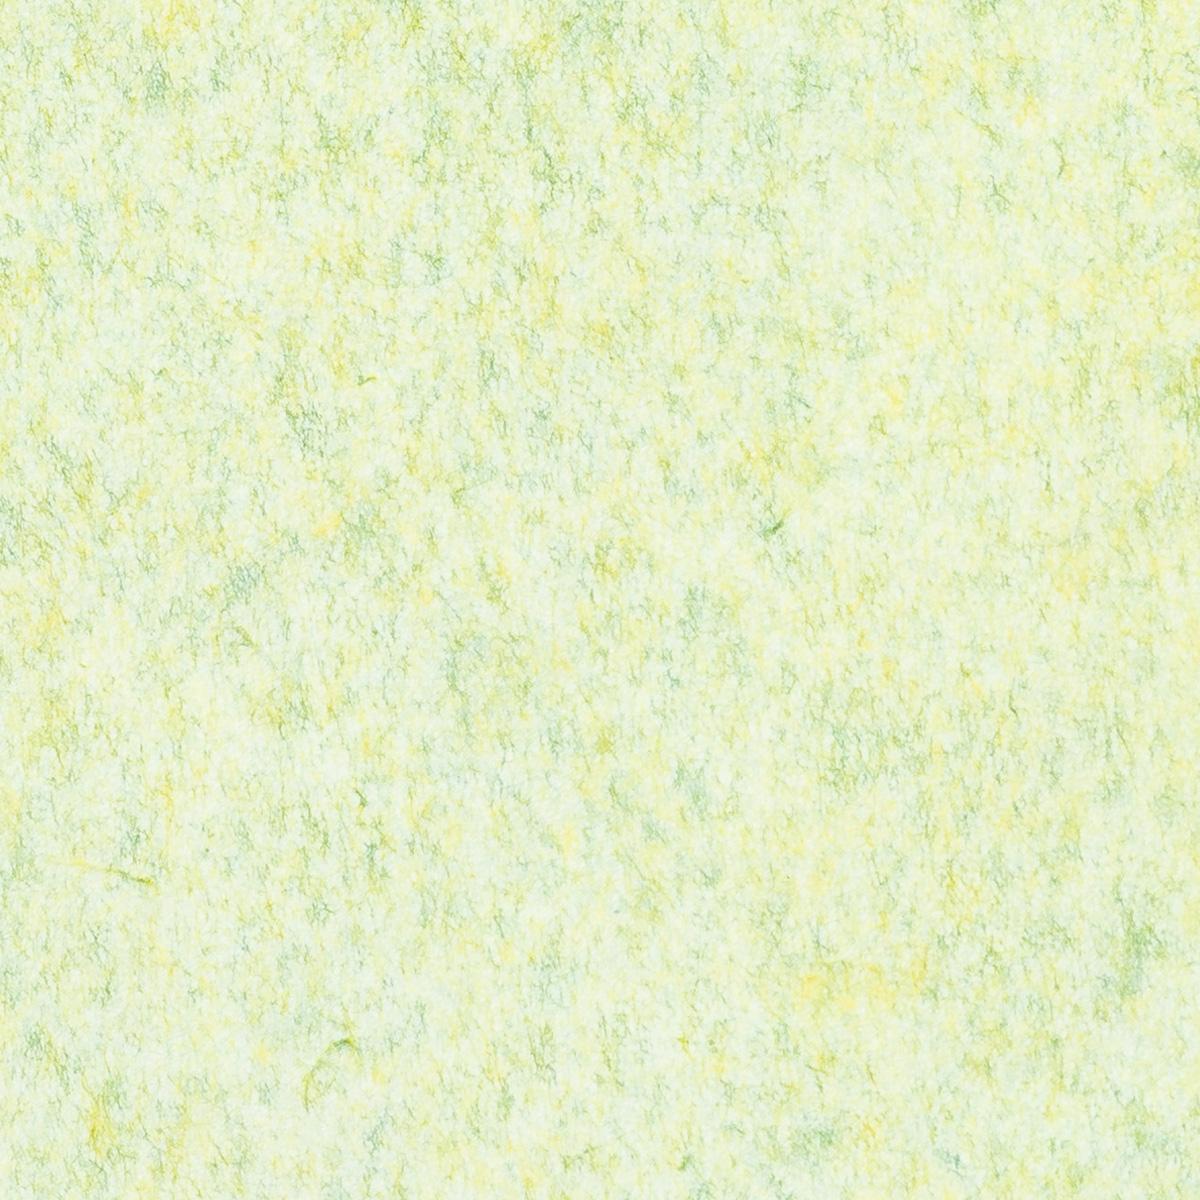 典具帖紙 ふぶき染 No.13